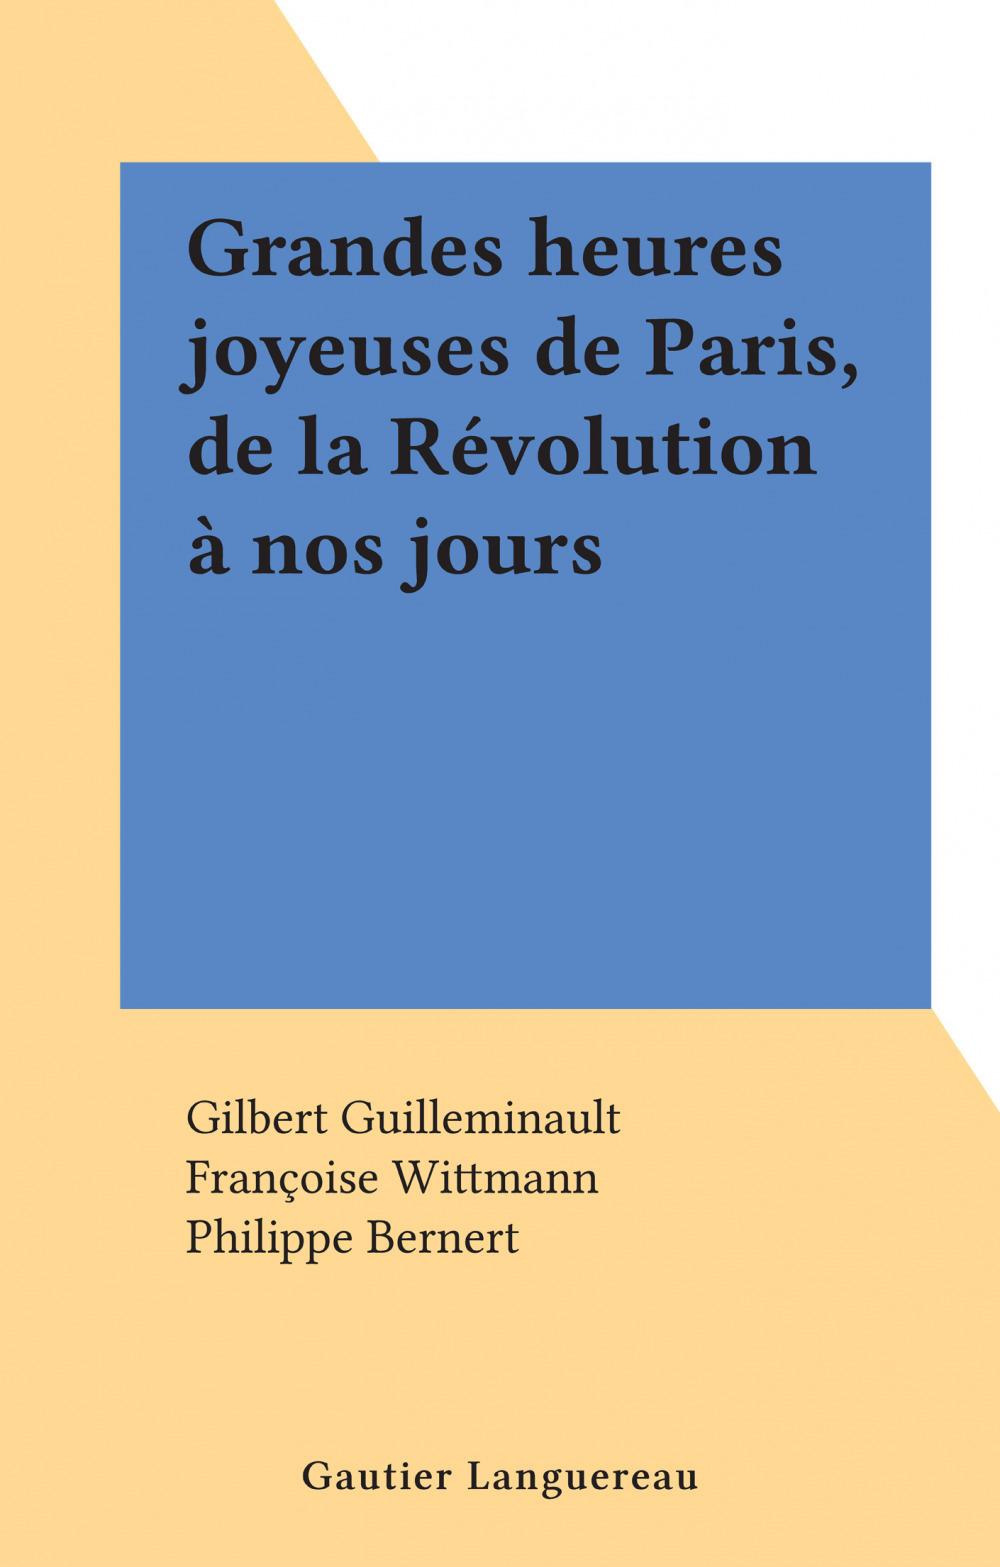 Grandes heures joyeuses de Paris, de la Révolution à nos jours